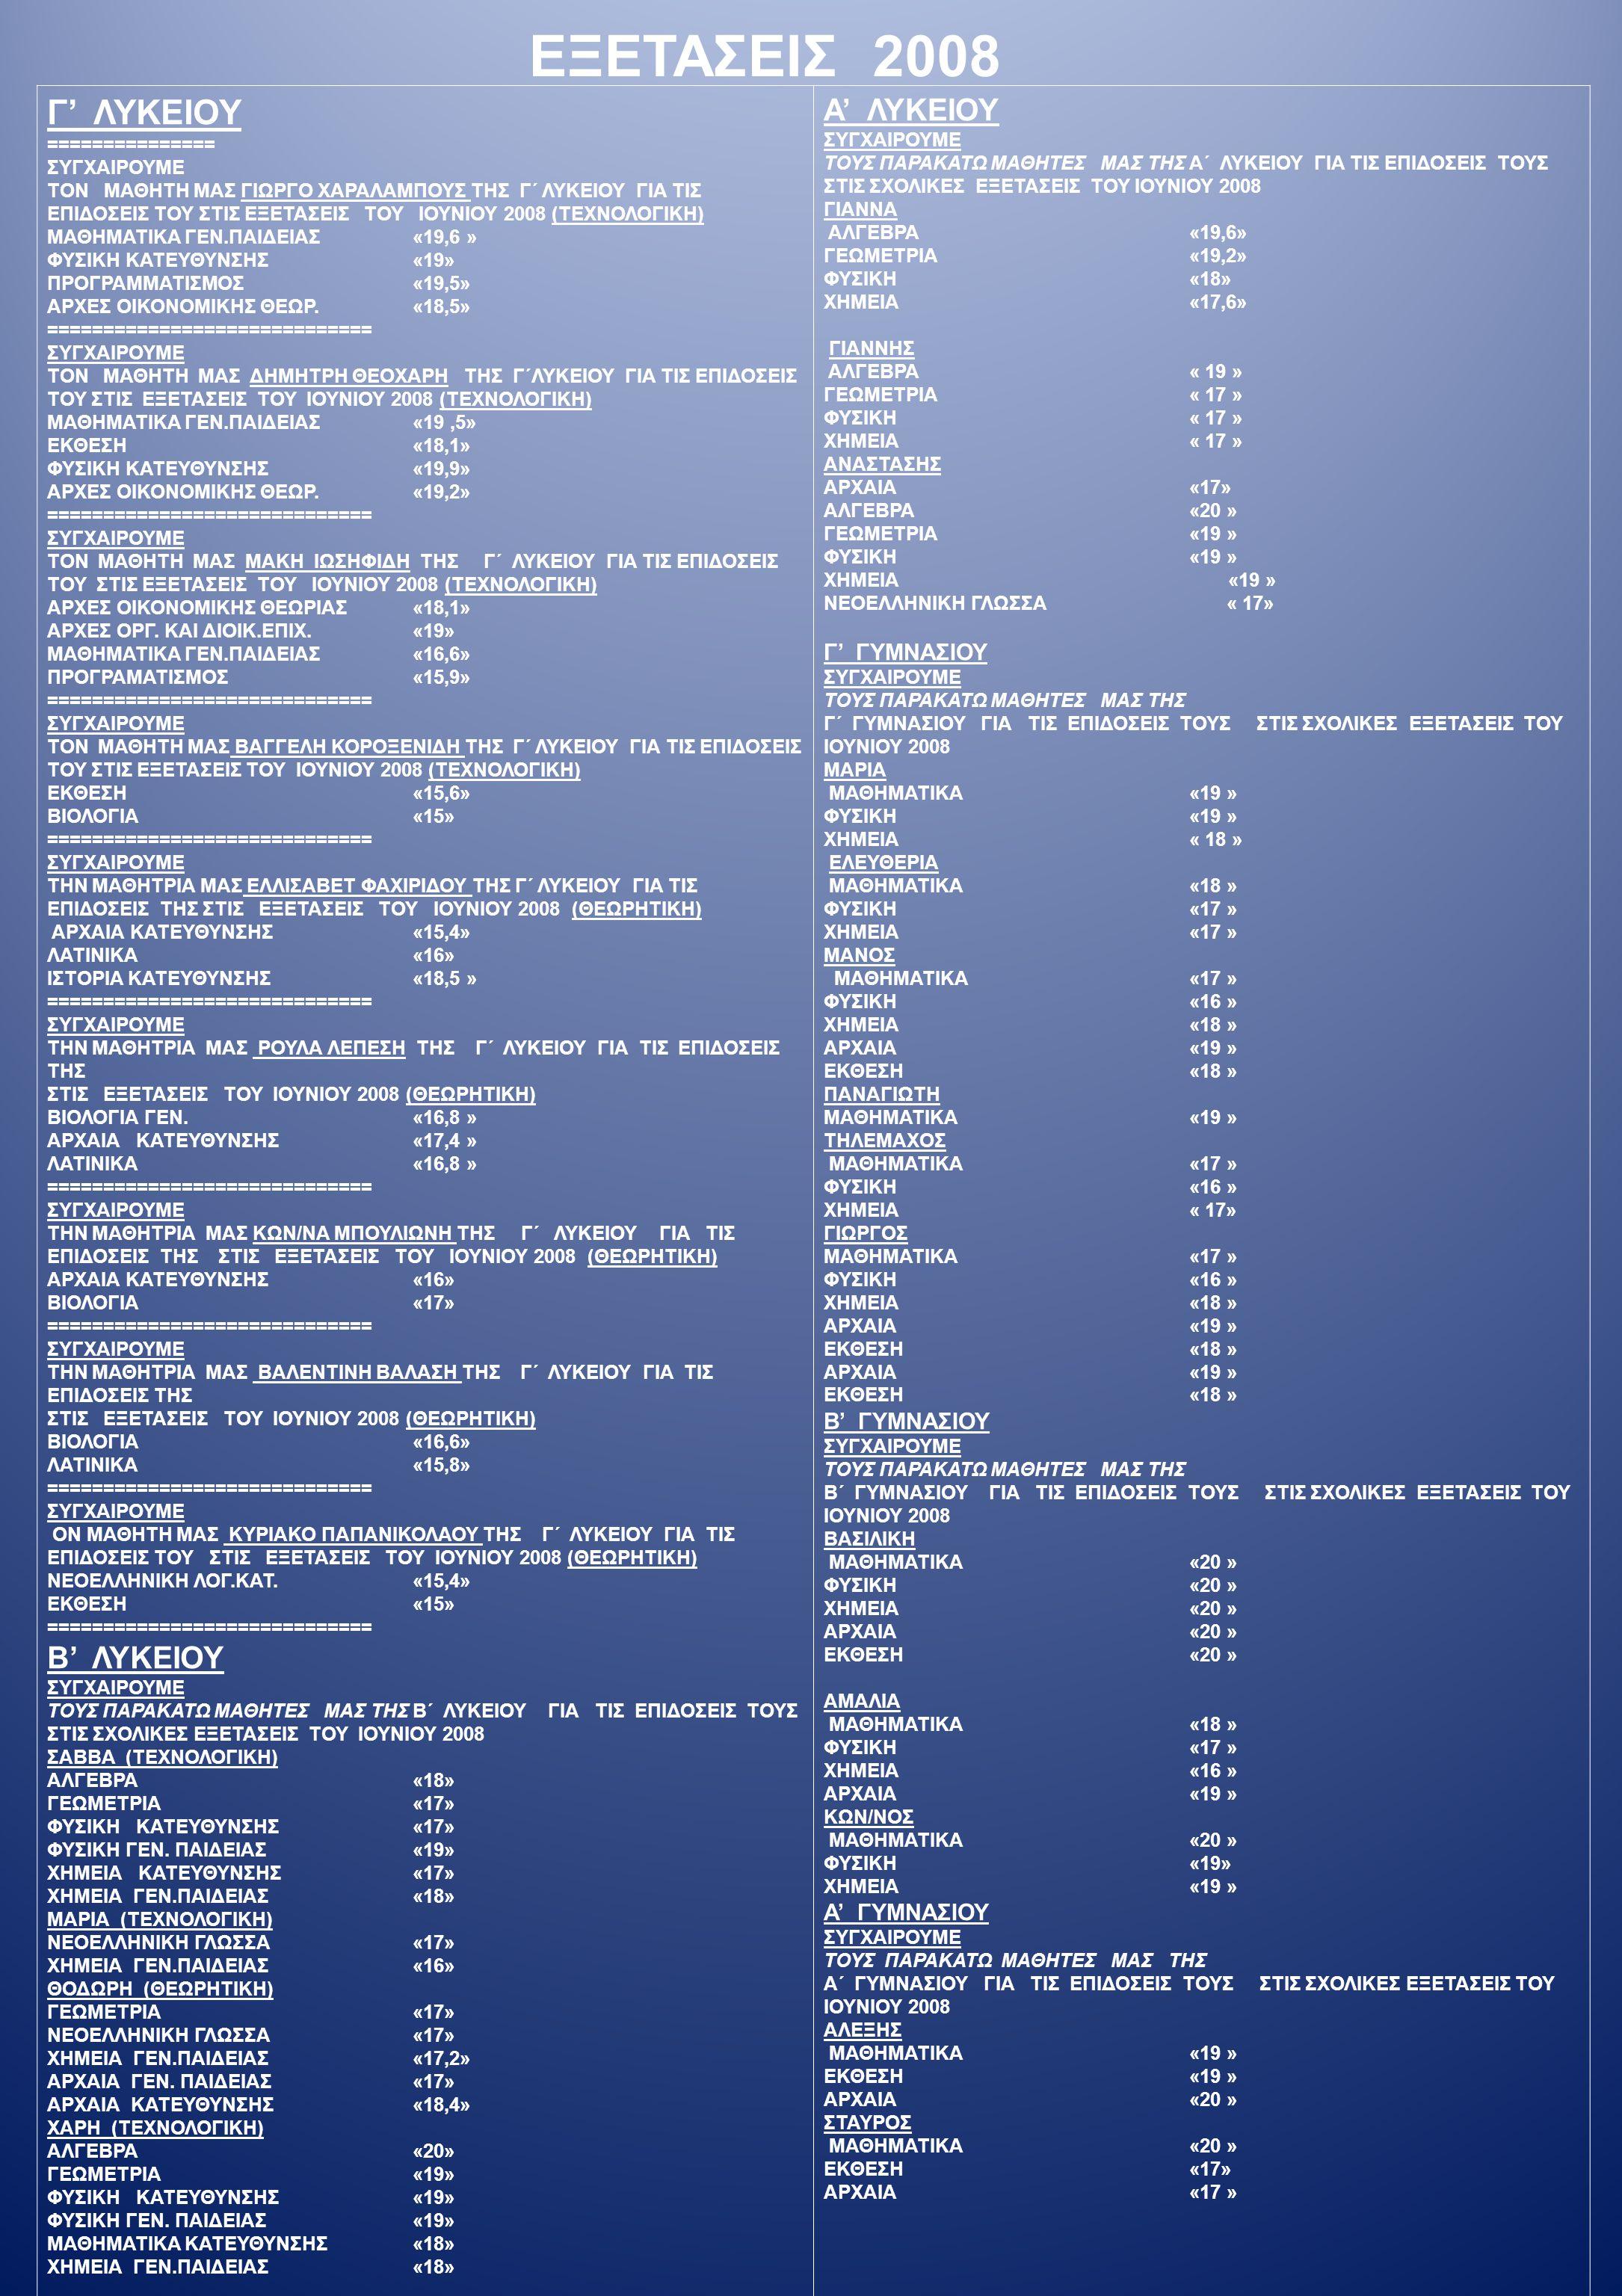 Γ' ΛΥΚΕΙΟΥ ============================= ΣΥΓΧΑΙΡΟΥΜΕ ΤON ΜΑΘΗΤH ΜΑΣ ΧΑΡH ΦΑΧΙΡΙΔΗ ΤΗΣ Γ΄ ΛΥΚΕΙΟΥ ΓΙΑ ΤΙΣ ΕΠΙΔΟΣΕΙΣ ΤΟΥ ΣΤΙΣ ΕΞΕΤΑΣΕΙΣ ΤΟΥ ΜΑΙΟΥ 2009 (ΤΕΧΝΟΛΟΓΙΚΗ) ΜΑΘΗΜΑΤΙΚΑ ΓΕΝ.ΠΑΙΔΕΙΑΣ« 20» ΜΑΘΗΜΑΤΙΚΑ ΚΑΤΕΥΘΥΝΣΗΣ«18,5» ΦΥΣΙΚΗ ΚΑΤΕΥΘΥΝΣΗΣ«18,4» ΔΙΟΙΚΗΣΗ ΕΠΙΧΕΙΡΗΣΕΩΝ «19,9» ΠΡΟΓΡΑΜΜΑΤΙΣΜΟΣ«18,7» ΑΡΧΕΣ ΟΙΚΟΝΟΜΙΚΗΣ ΘΕΩΡ.«19,4» ΕΚΘΕΣΗ«17,8» ============================= ΣΥΓΧΑΙΡΟΥΜΕ ΤΗΝ ΜΑΘΗΤΡΙΑ ΜΑΣ ΜΑΡΙΑ ΜΠΑΤΣΟΥ ΤΗΣ Γ΄ ΛΥΚΕΙΟΥ ΓΙΑ ΤΙΣ ΕΠΙΔΟΣΕΙΣ ΤΗΣ ΣΤΙΣ ΕΞΕΤΑΣΕΙΣ ΤΟΥ ΙΟΥΝΙΟΥ 2009 (ΤΕΧΝΟΛΟΓΙΚΗ) ΜΑΘΗΜΑΤΙΚΑ ΓΕΝ.